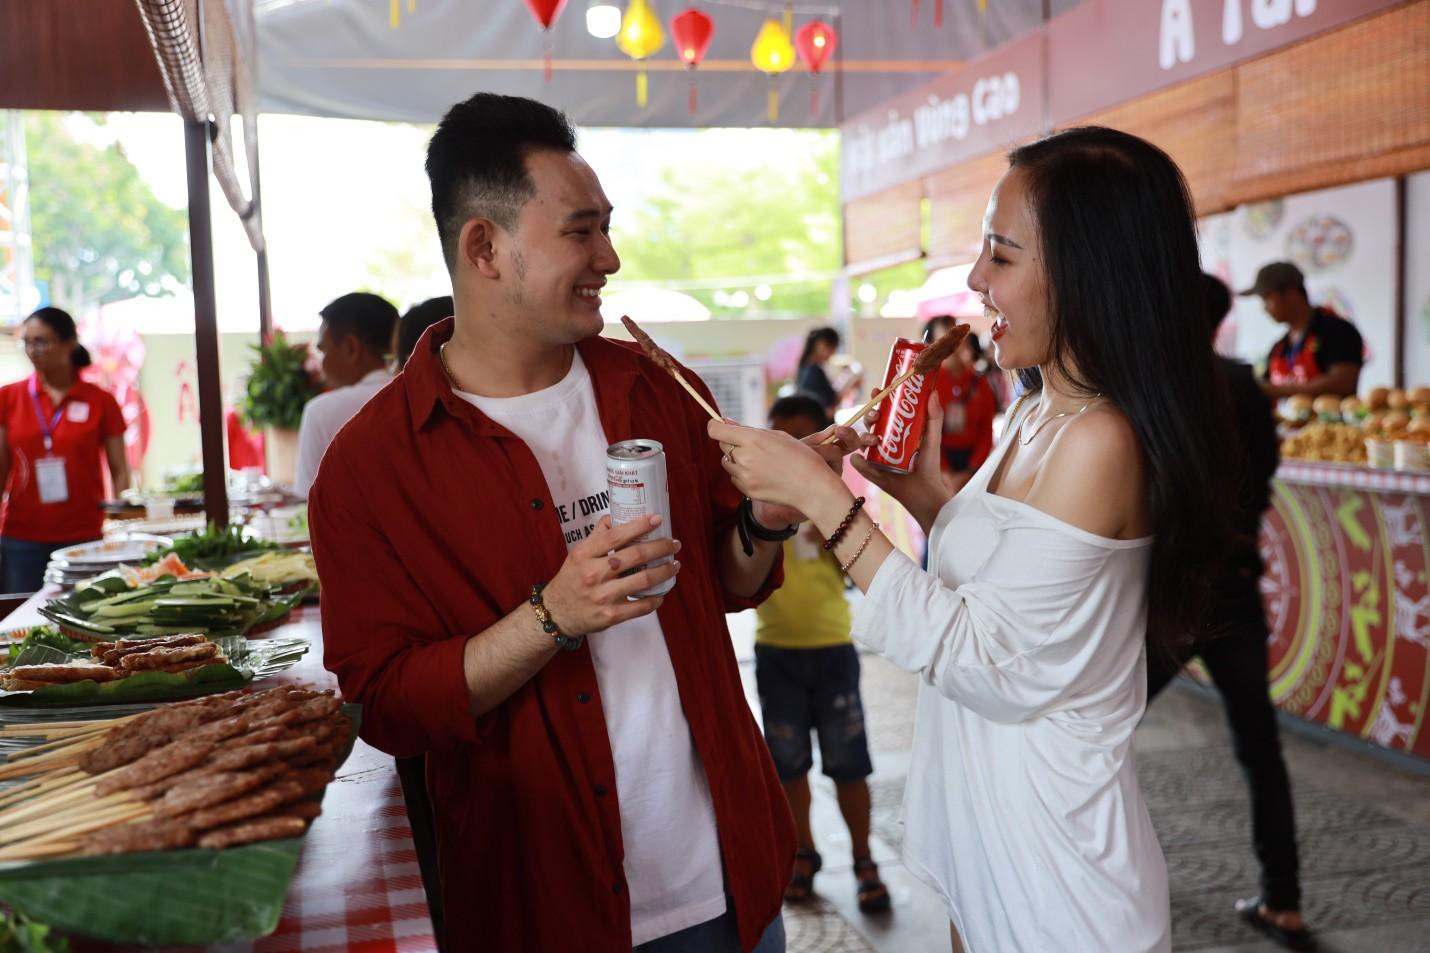 Hàng trăm tín đồ ẩm thực Việt thỏa mãn hết nấc vì được đắm mình trong thiên đường của ngon vật lạ! - Ảnh 5.